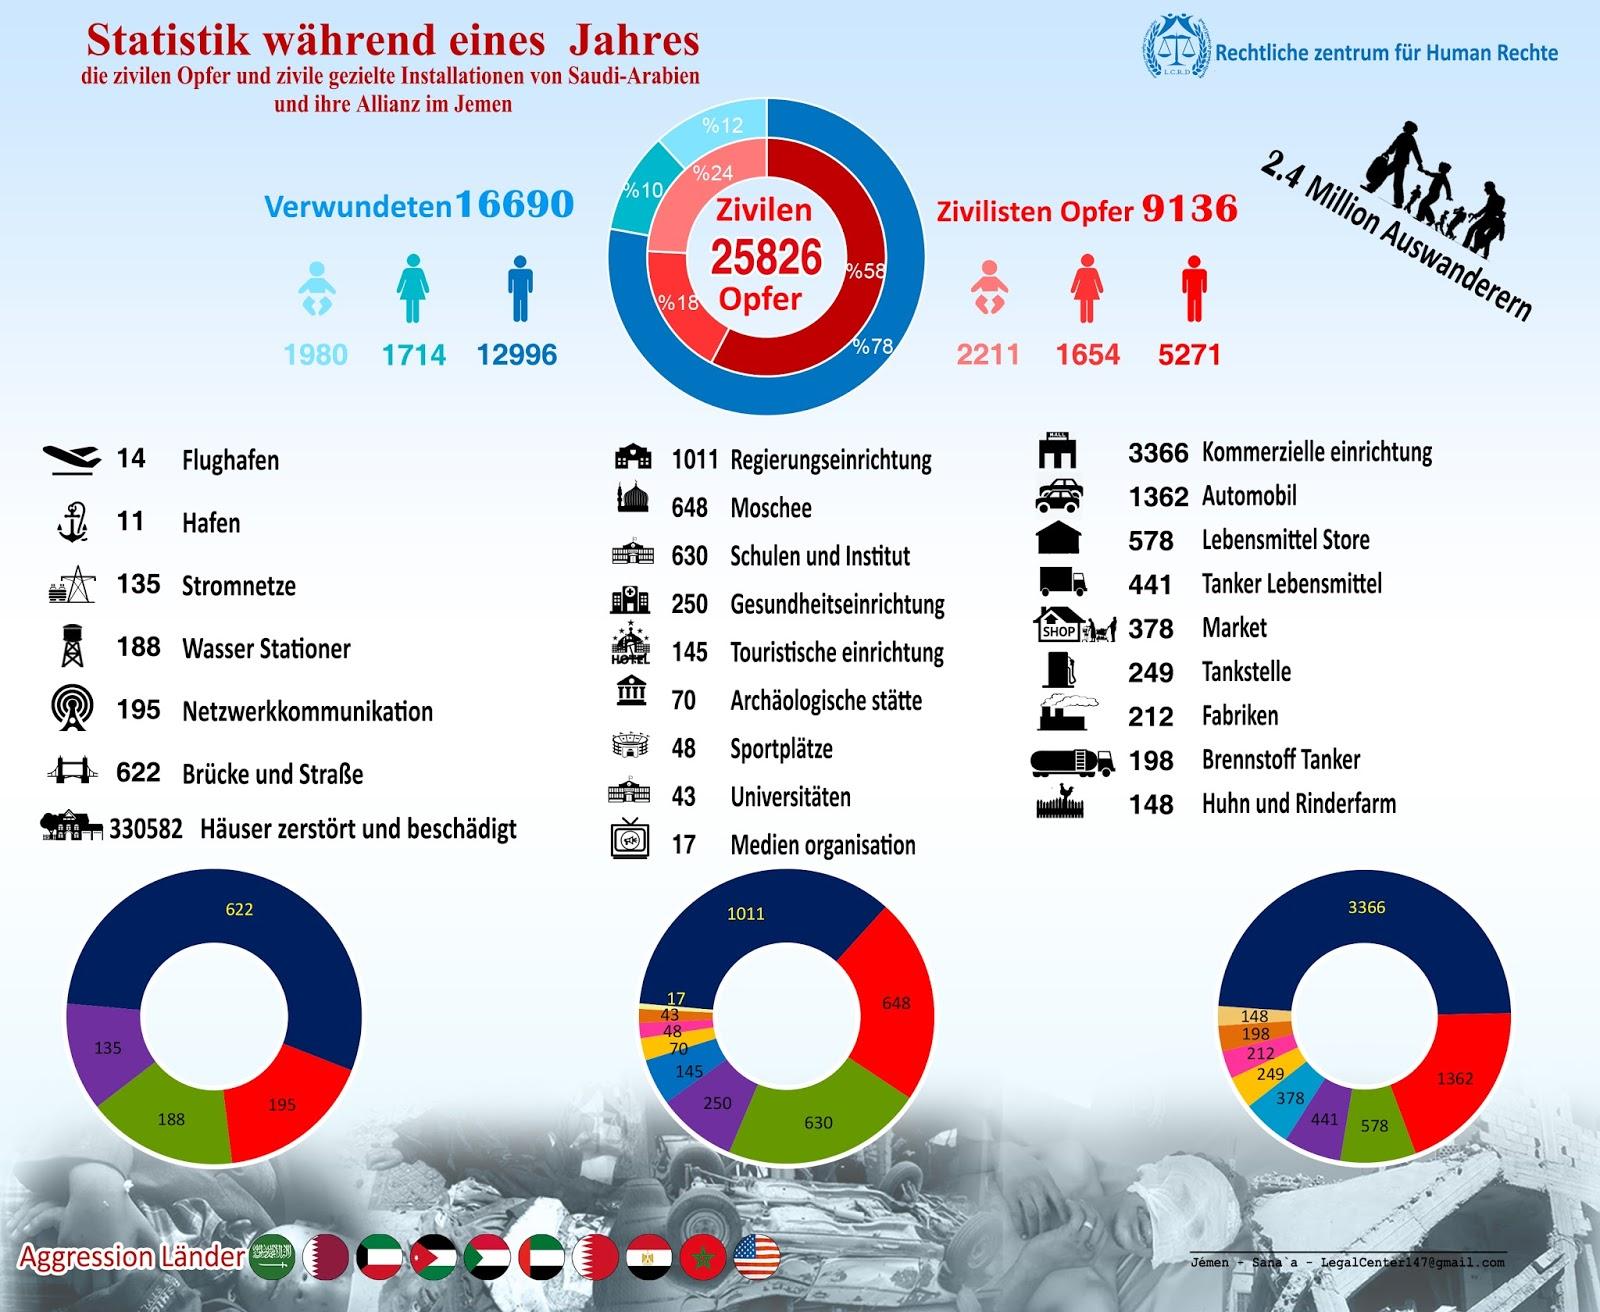 إحصائية عام من العدوان السعودي باللغة الألمانية